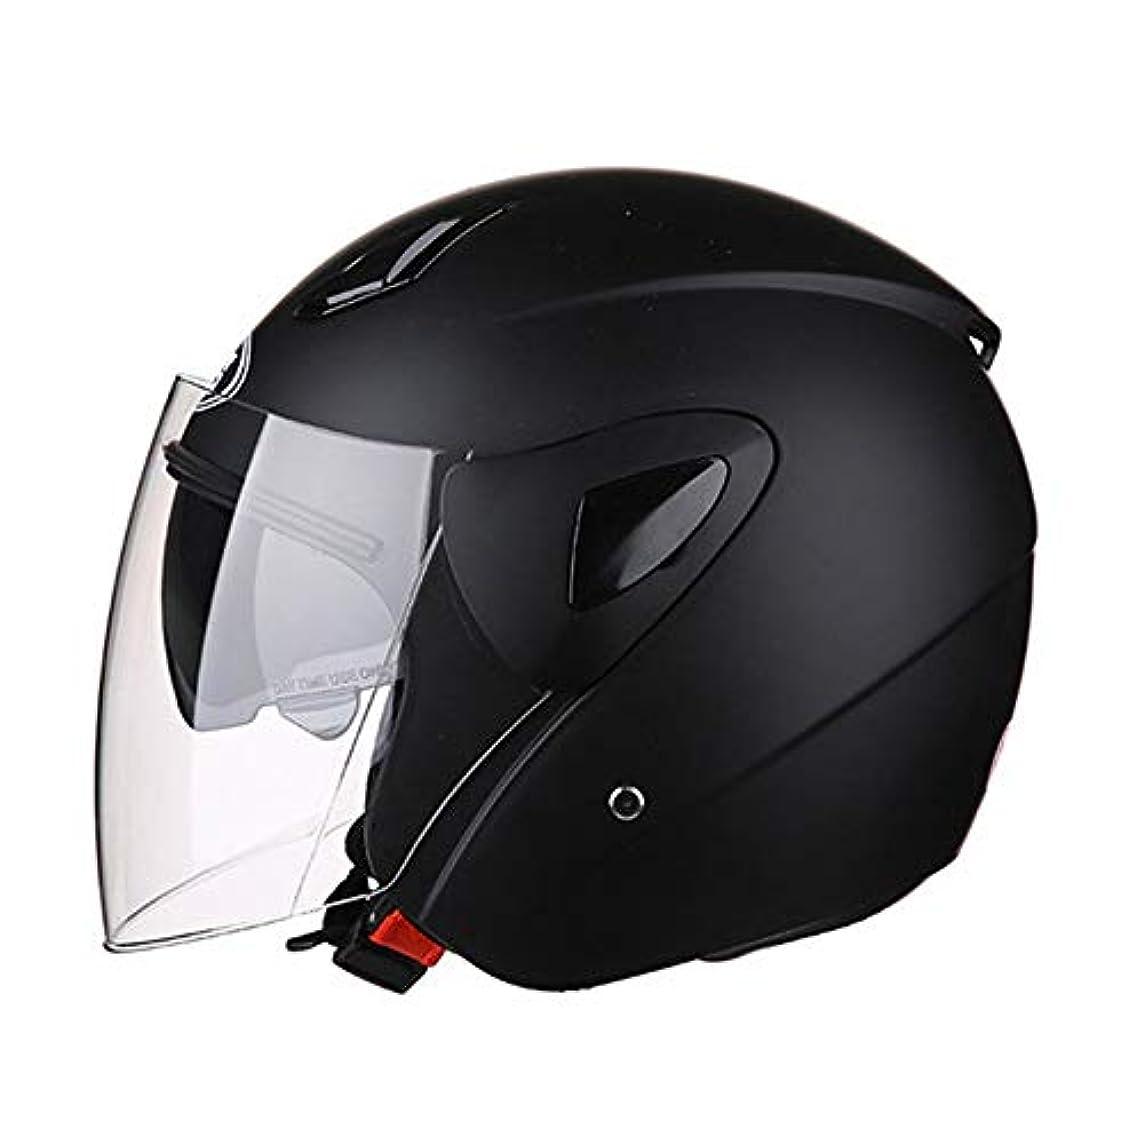 に対処する面倒顔料TOMSSL高品質 電動オートバイヘルメットオートバイ機関車ハーフヘルメットカバーライト四季防曇電気自動車ヘルメット - マットブラック TOMSSL高品質 (Size : XL)